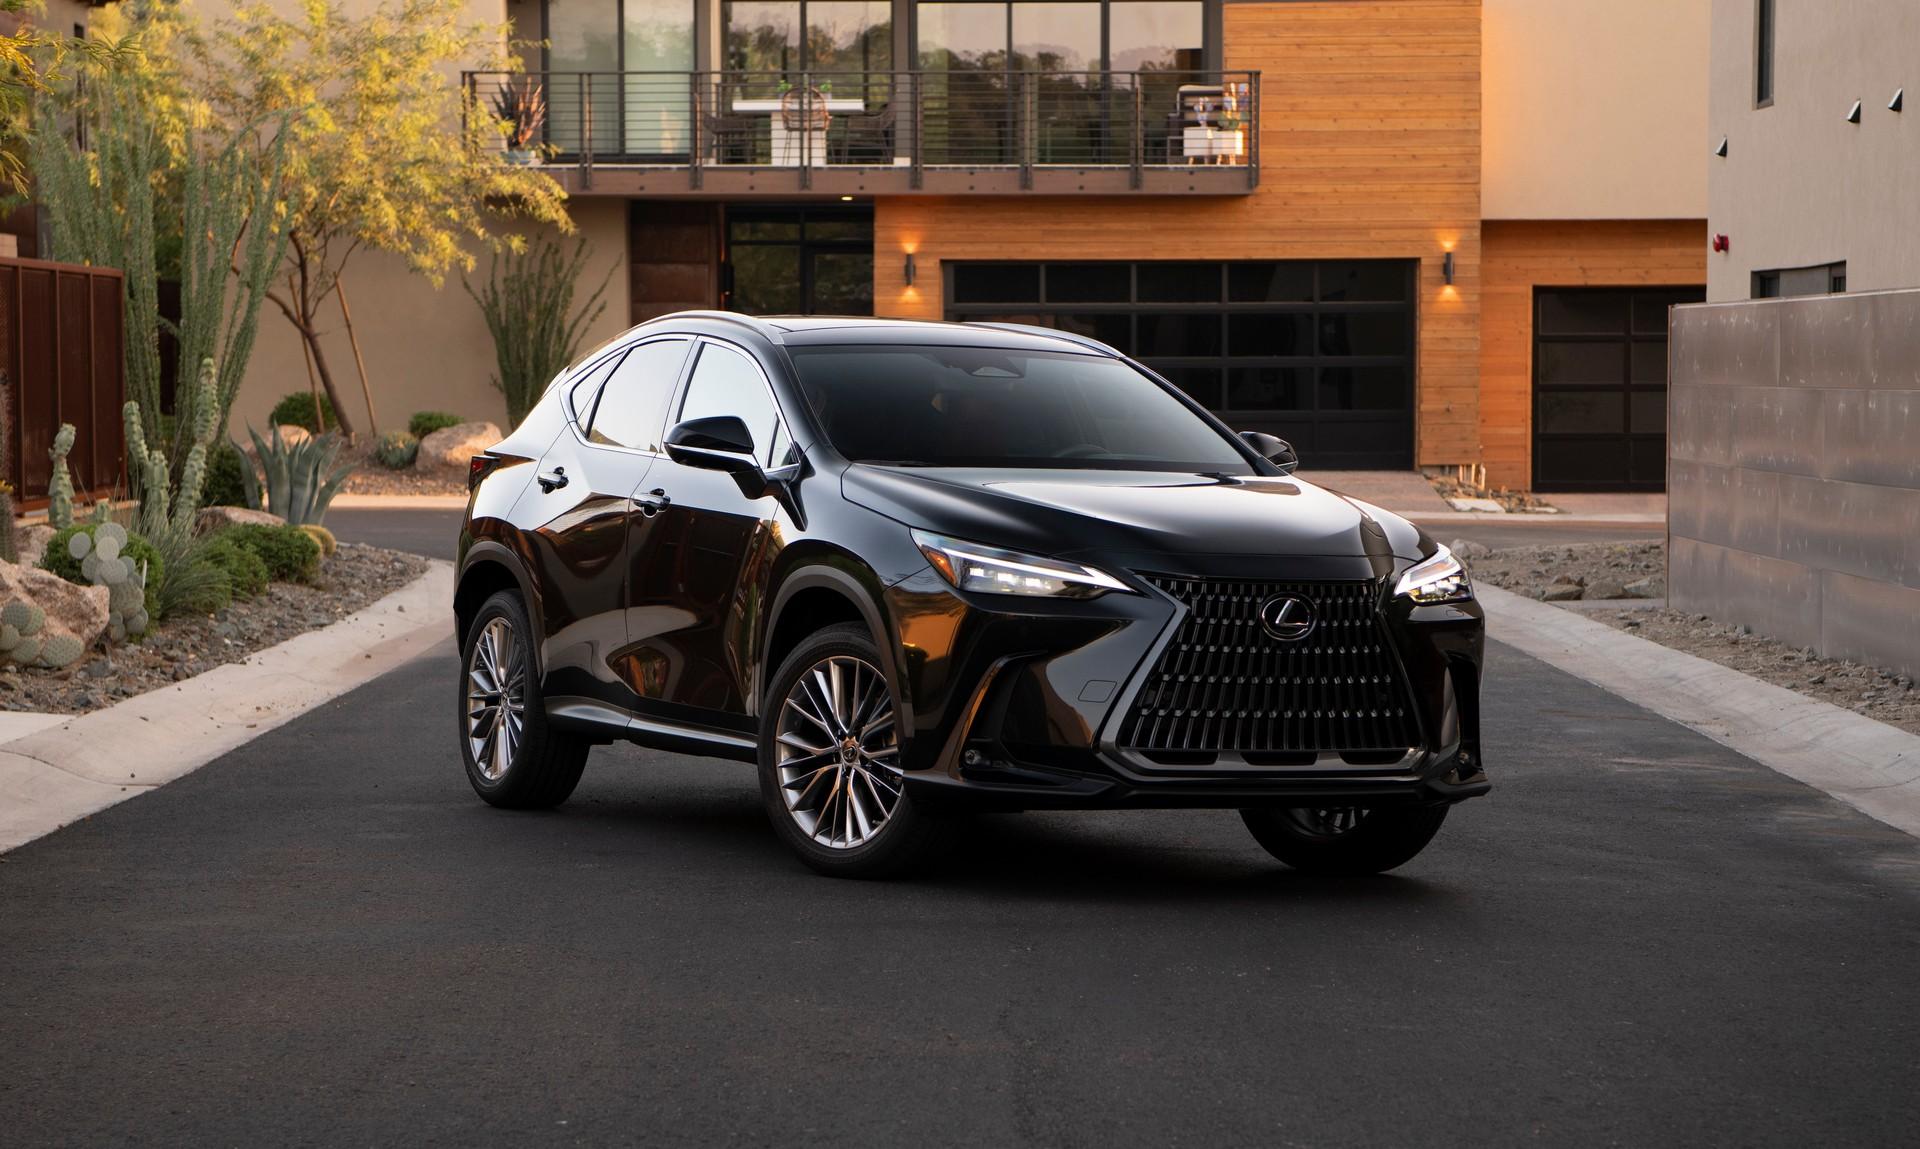 Lexus NX 2022 phiên bản mới sẽ có giá bán dao động từ 37.950 USD - 55.560 USD